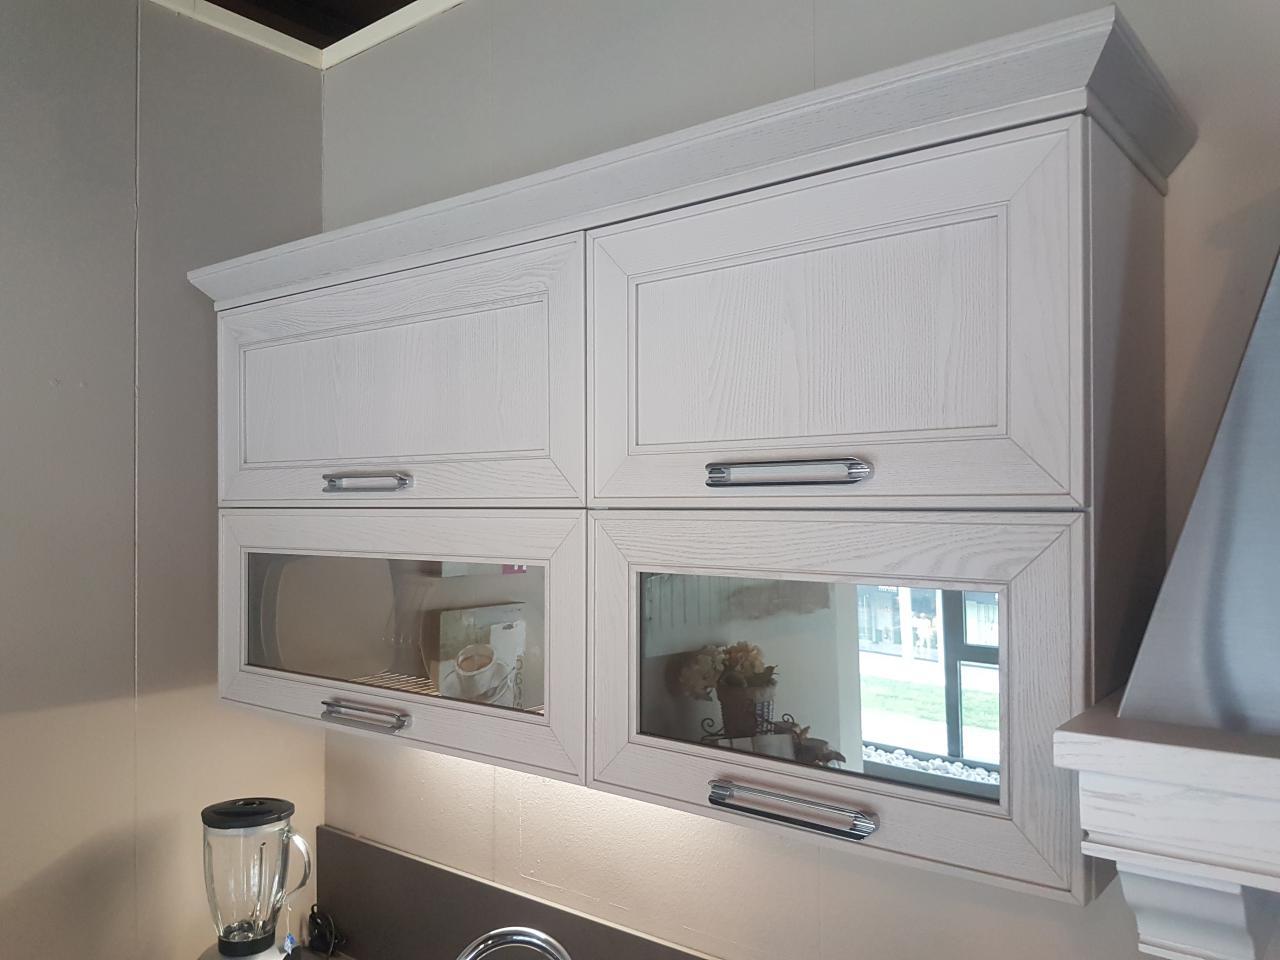 cucina-stosa-modello-maxim-6 | Arredamento Casa e Cucina a Firenze